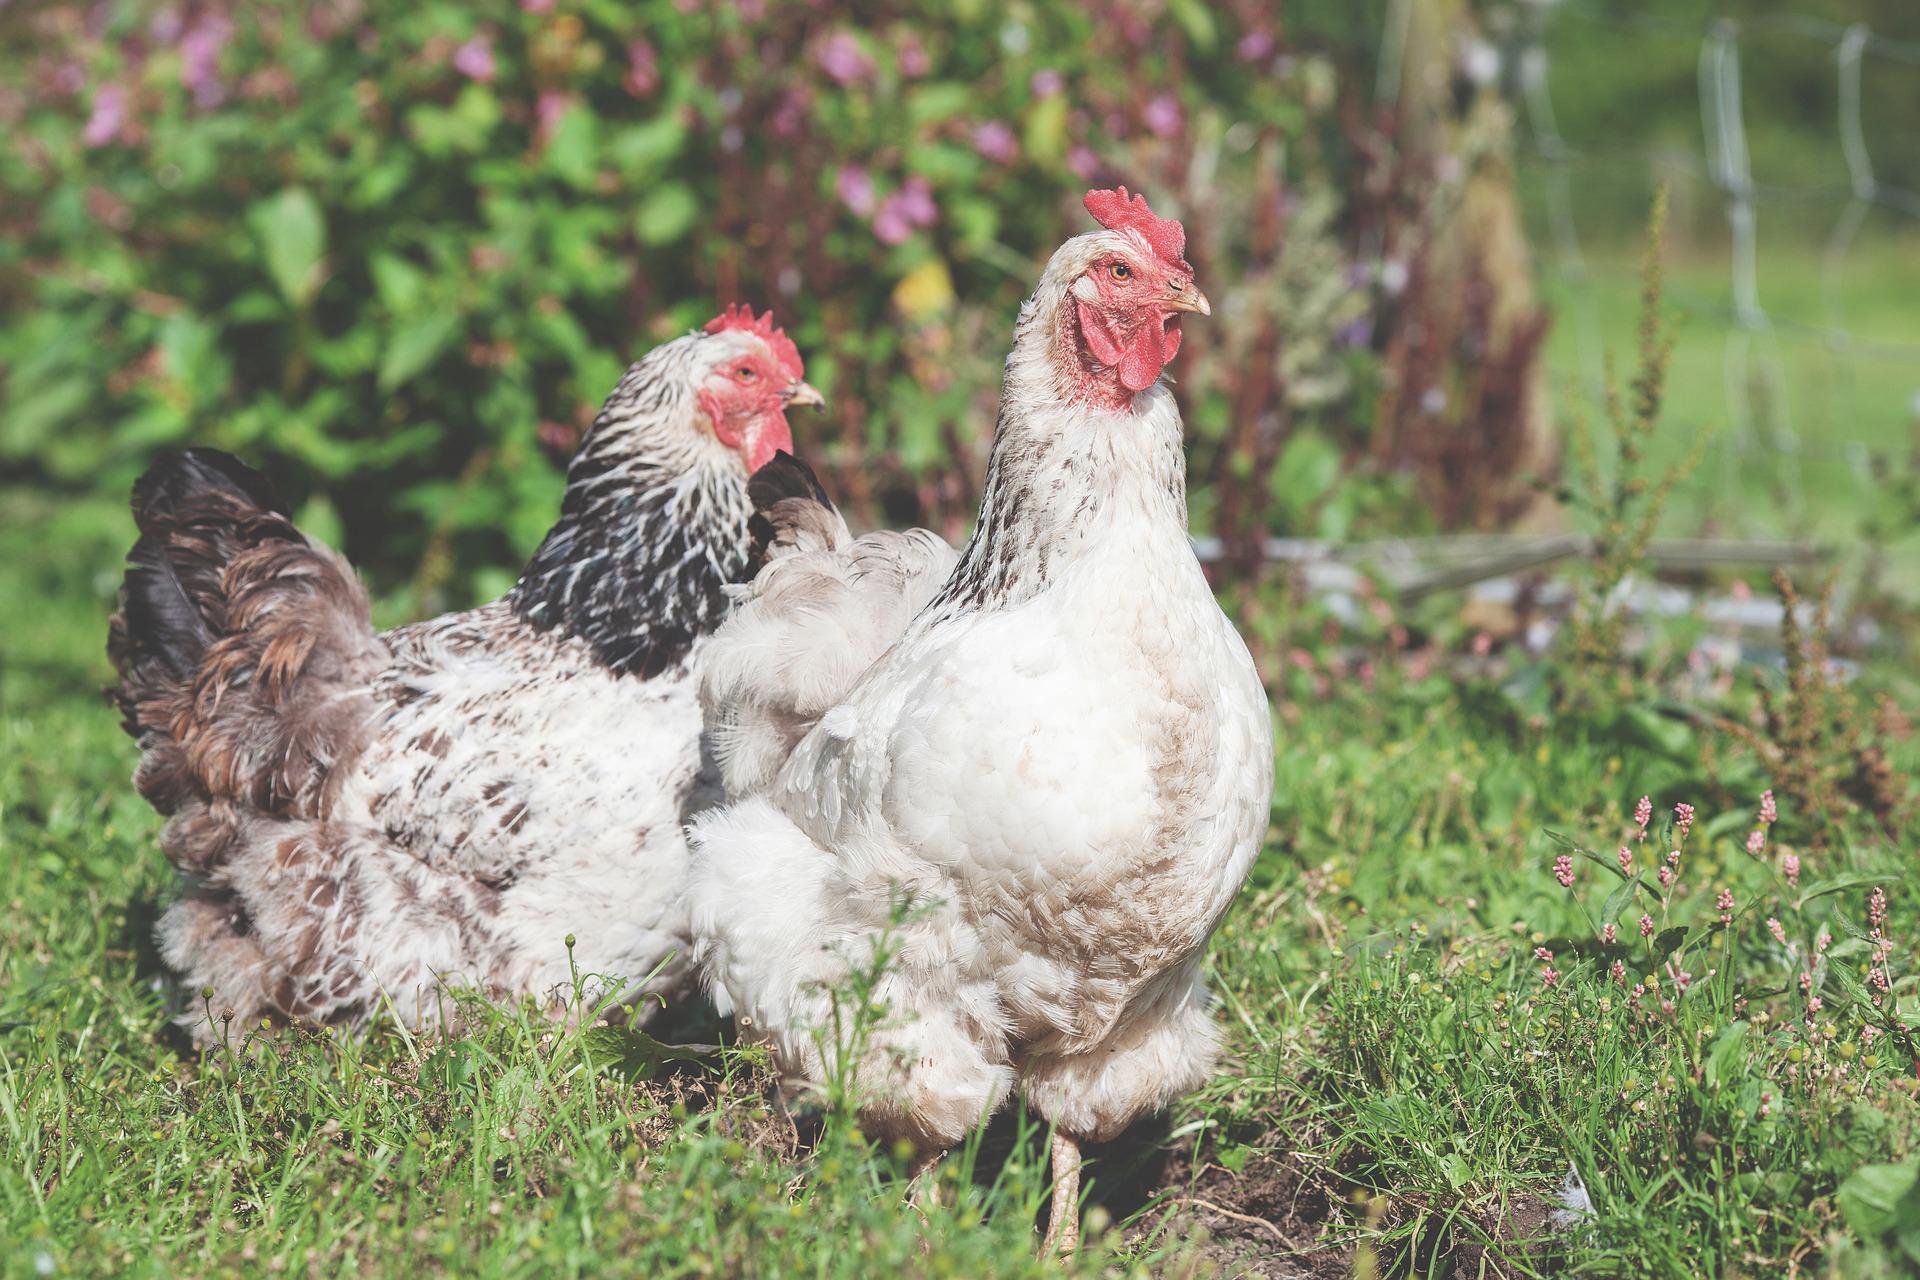 Κότες ελευθέρας βοσκής